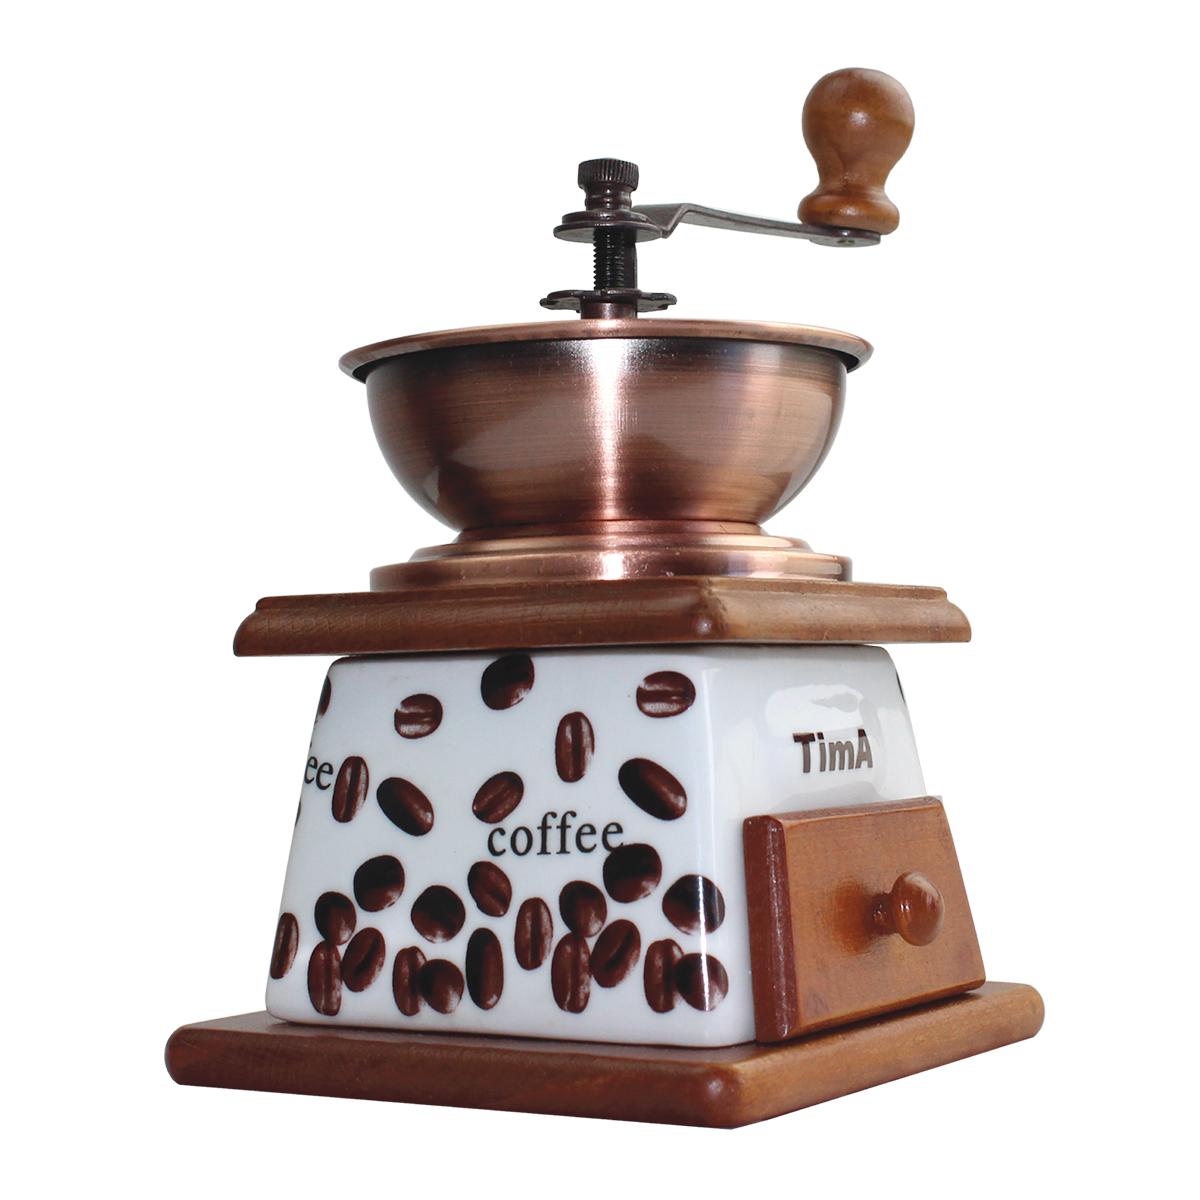 В механической кофемолке TimA размол кофейных зерен производится керамическими жерновами, приводимыми во вращение рукояткой. Использование керамических материалов не только сохраняетнатуральный вкус и аромат кофе, но и позволяет значительно продлить срок службы кофемолки. Порция кофейных зерен засыпается в чашу либо в купол. Степень помола можно регулировать самостоятельно, для чего надопокрутить винт на центральном стержне над жерновами. Для варки кофе в турке жернова должны быть расположены максимально близко друг к другу, для заваривания кофе во френч-прессе надо увеличить расстояние между жерновами. Молотый кофе накапливается в специальном деревянном ящичке внизу корпуса.